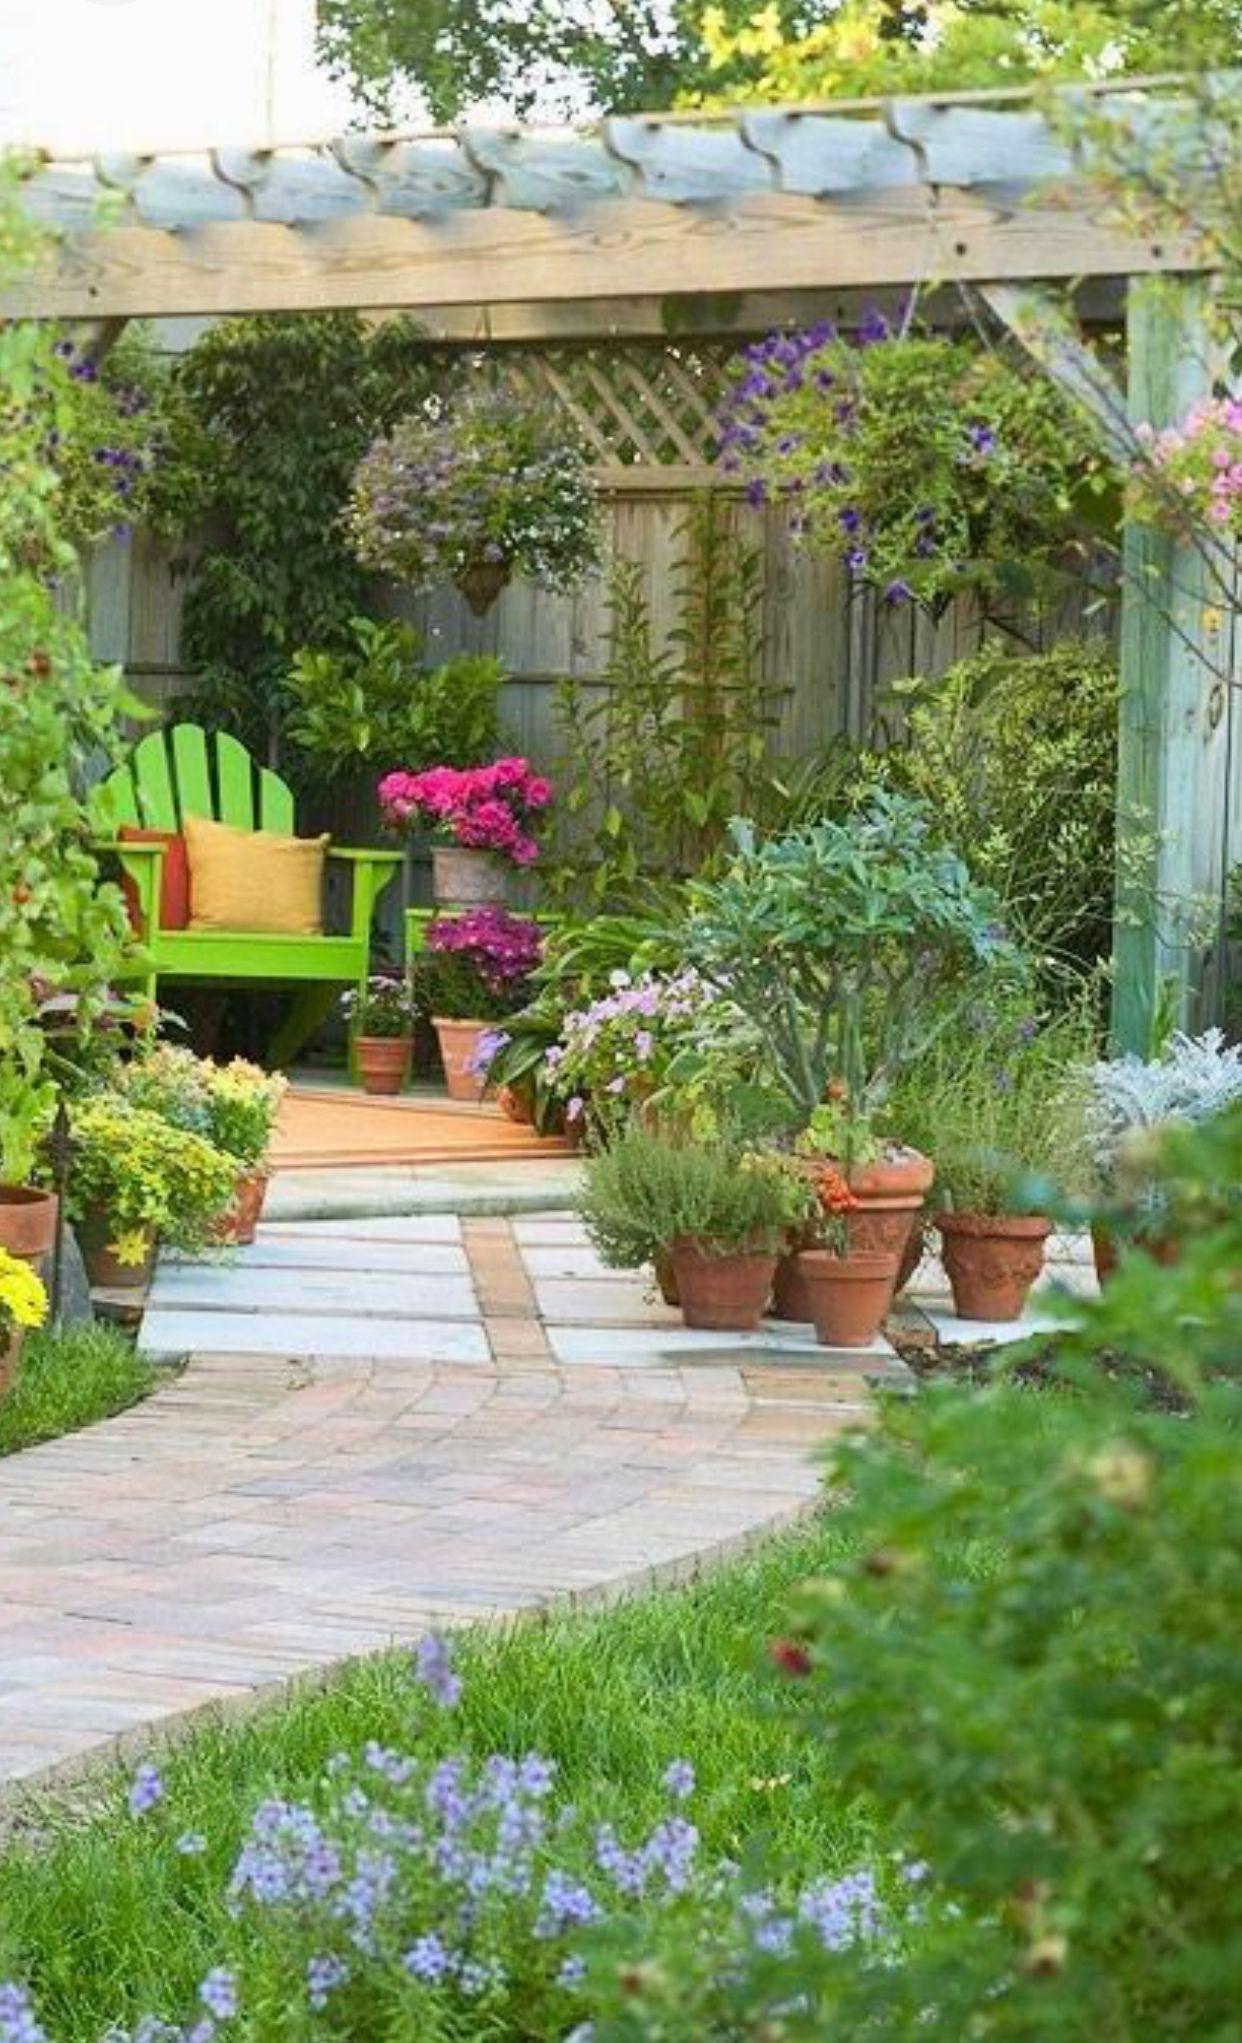 Good Wunderbare Dekoration Schone Japanische Gartengestaltung Landschaftsgestaltung Ideen Fur Kleine Rau #9: Finde Diesen Pin Und Vieles Mehr Auf Backyards Von Hellokiki.